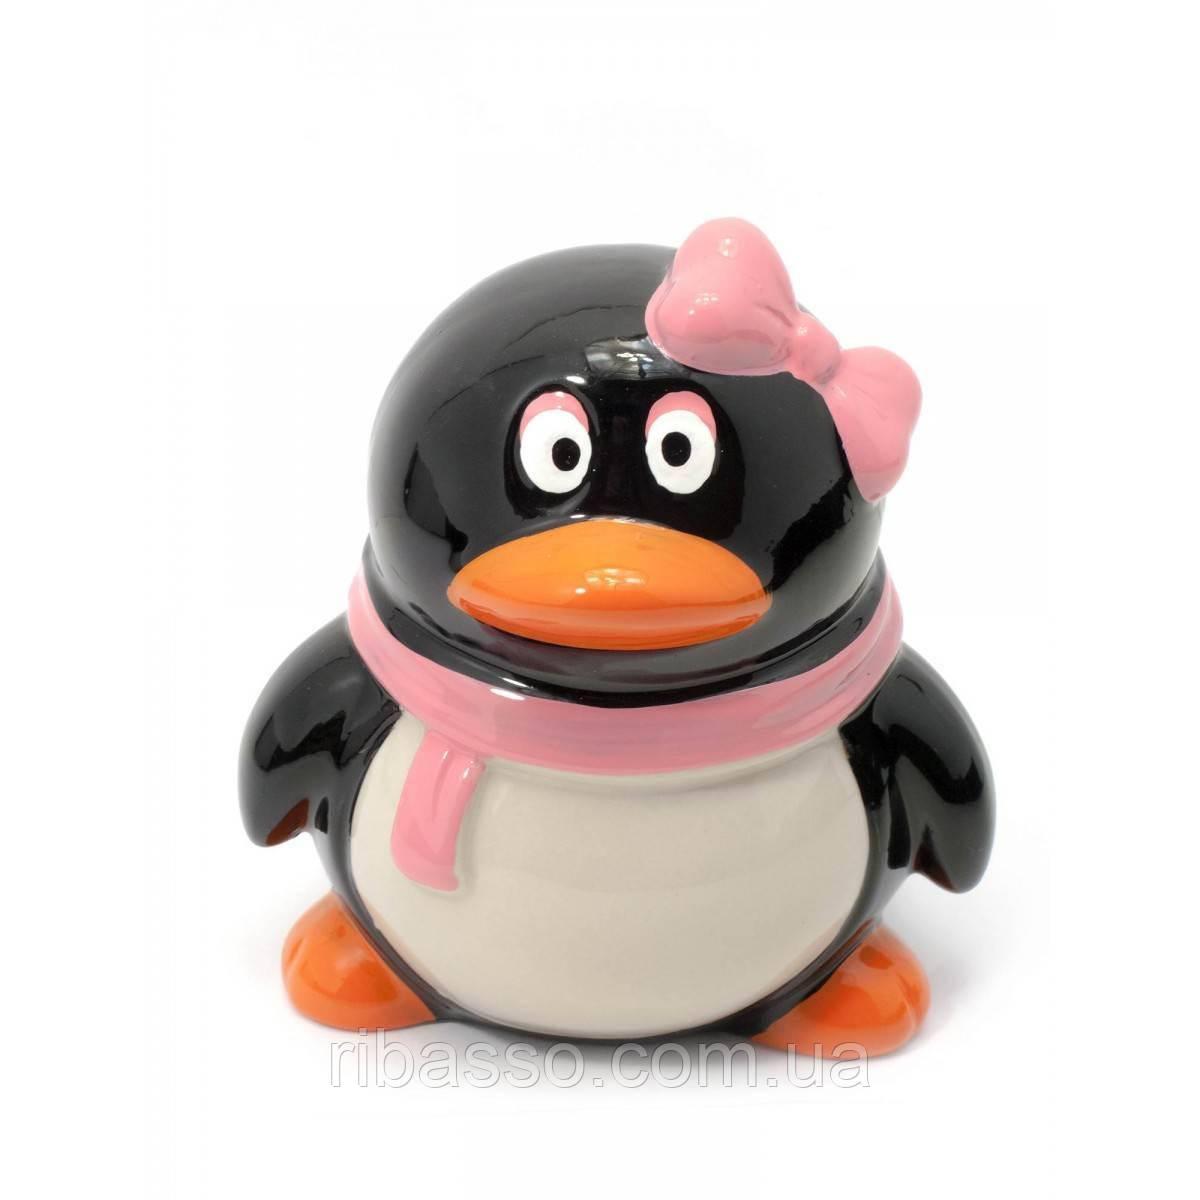 """Копилка керамическая """"Пингвин с бантиком"""" 13х11х9,5 см 29779A"""